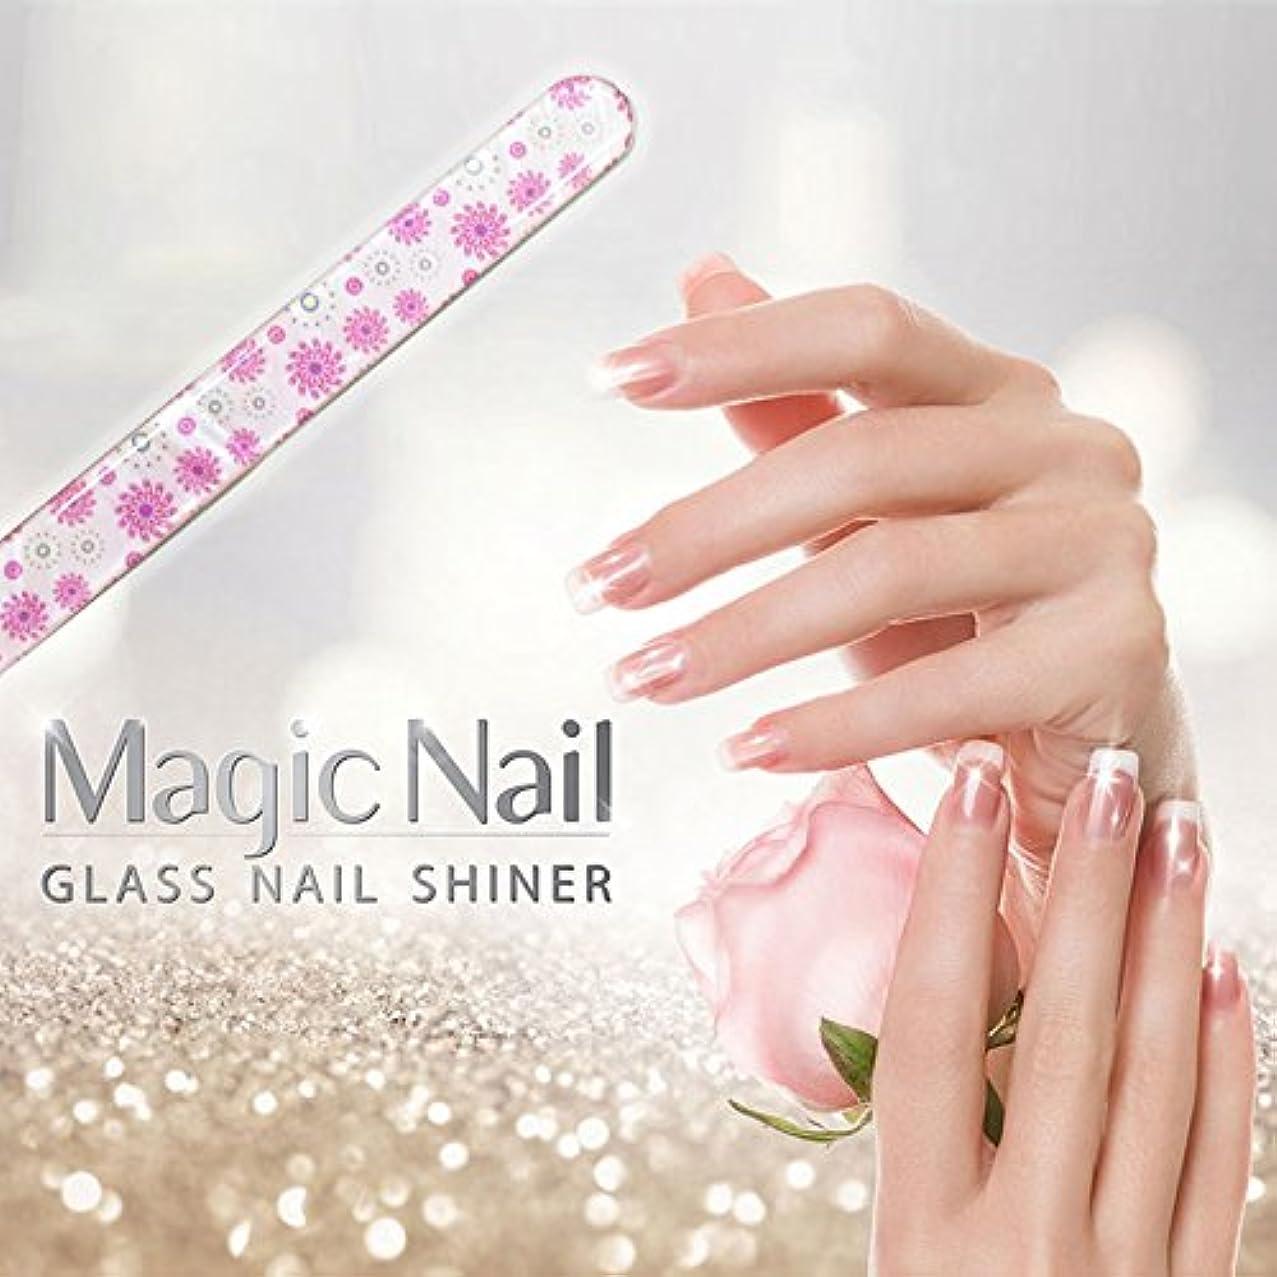 エッサンテ(Essante) マジックネイル magic nail マニキュアを塗ったようなツヤ、輝きが家で誰でも簡単に出来る glass nail shiner ガラスネイルシャイナー おしゃれなデザイン つめやすり ...